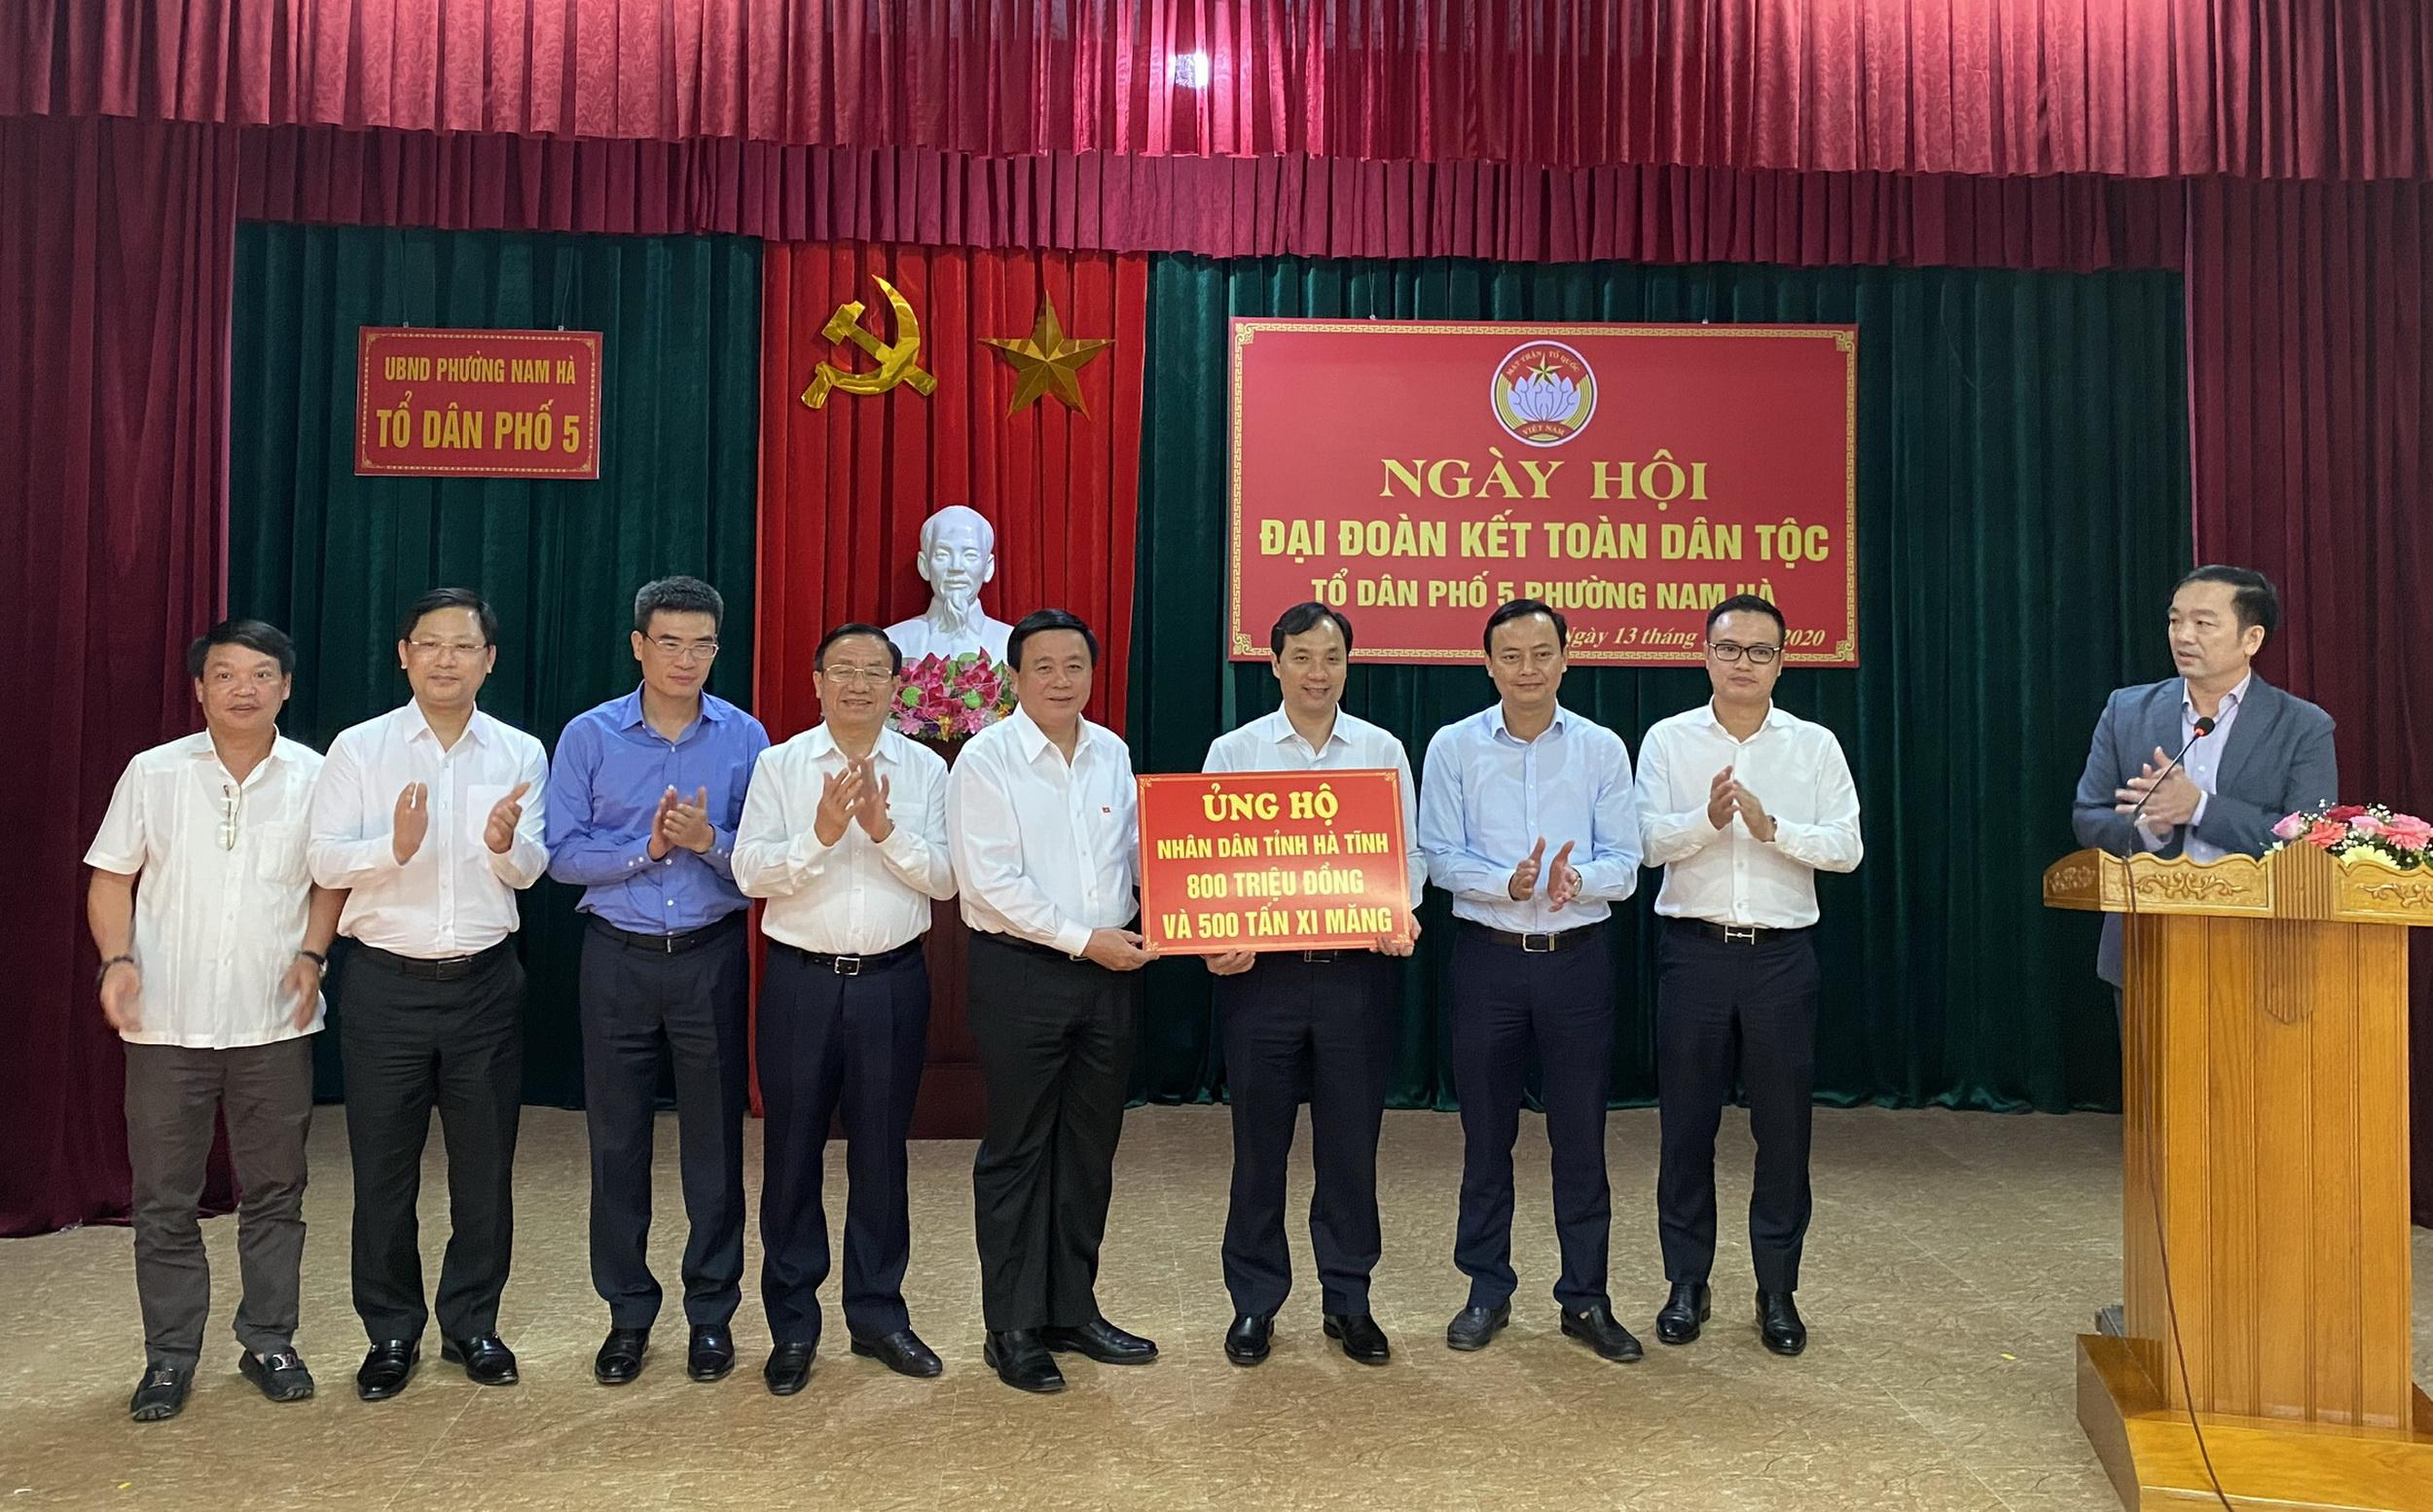 Đoàn công tác trao gói hỗ trợ cho Hà Tĩnh